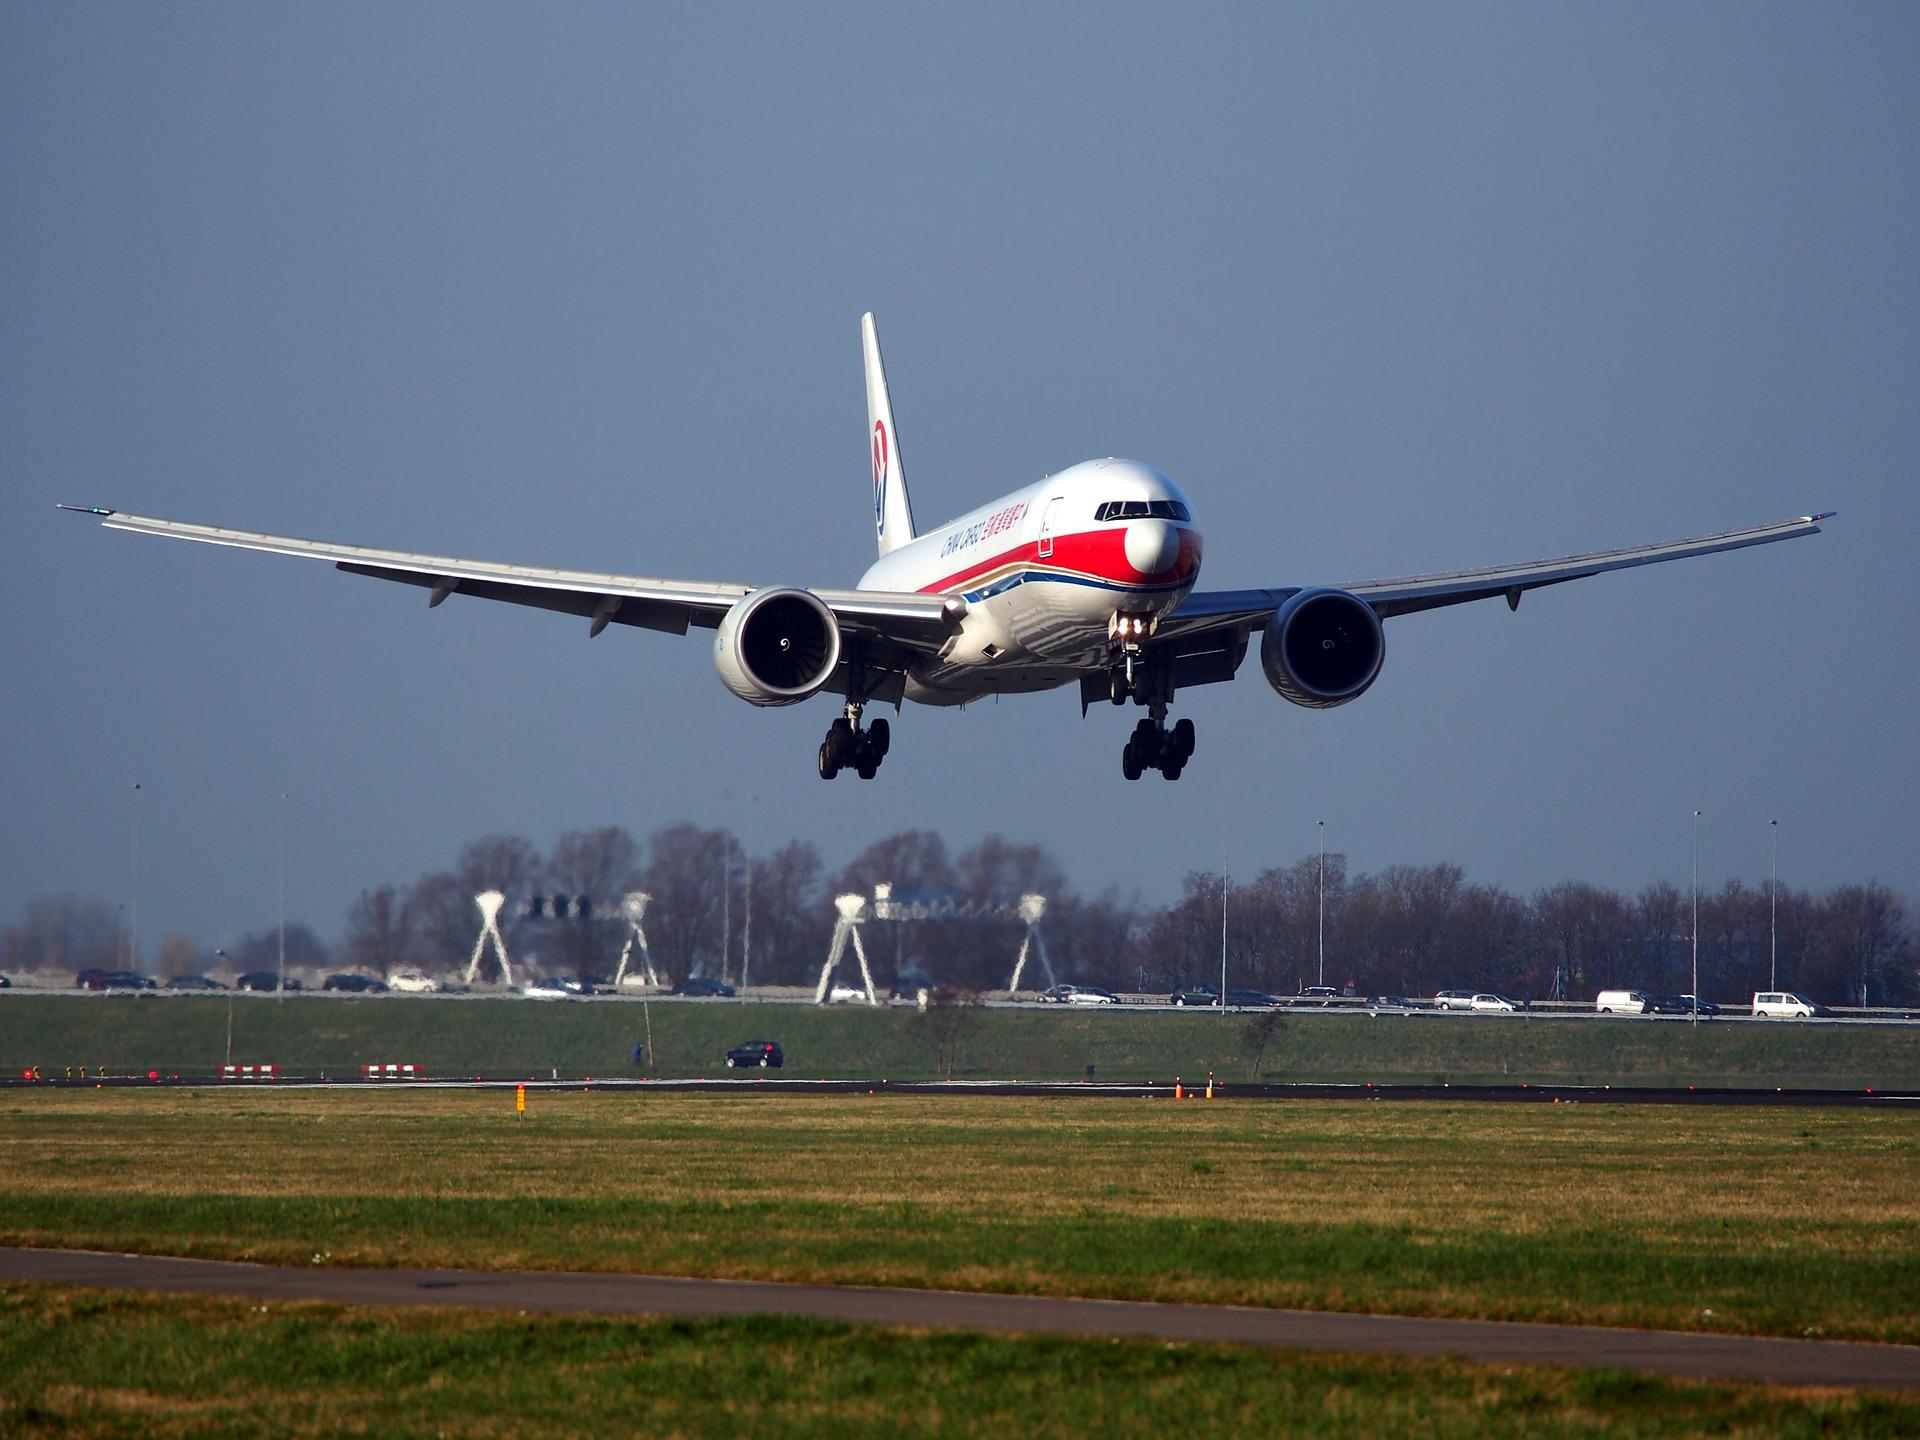 Aviakompanija Ernest Airlines ćogorič litatyme zKyjeva ta Lvova u Italiju